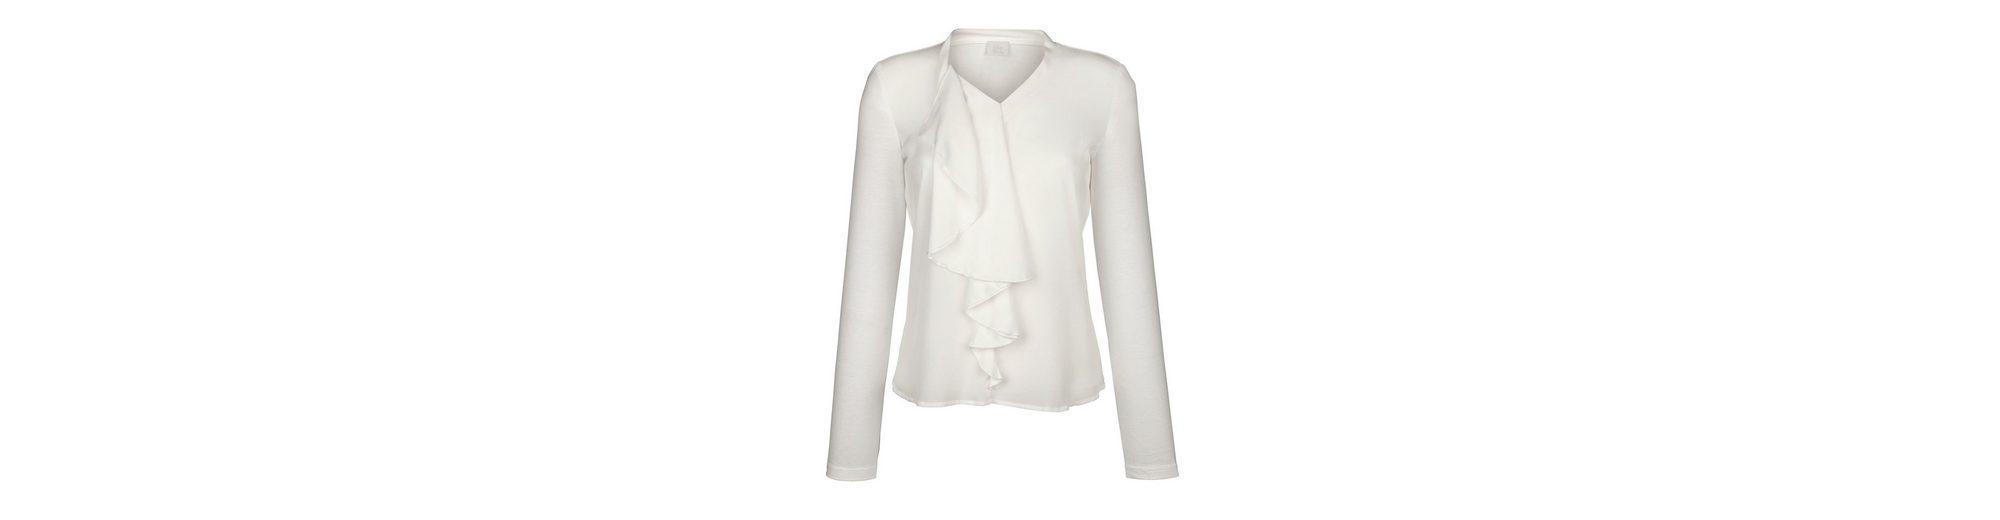 Billige Sneakernews Heißen Verkauf Online Alba Moda Shirt aus schönem Materialmix Freies Verschiffen Angebote Billig Freies Verschiffen QVK5z0pO